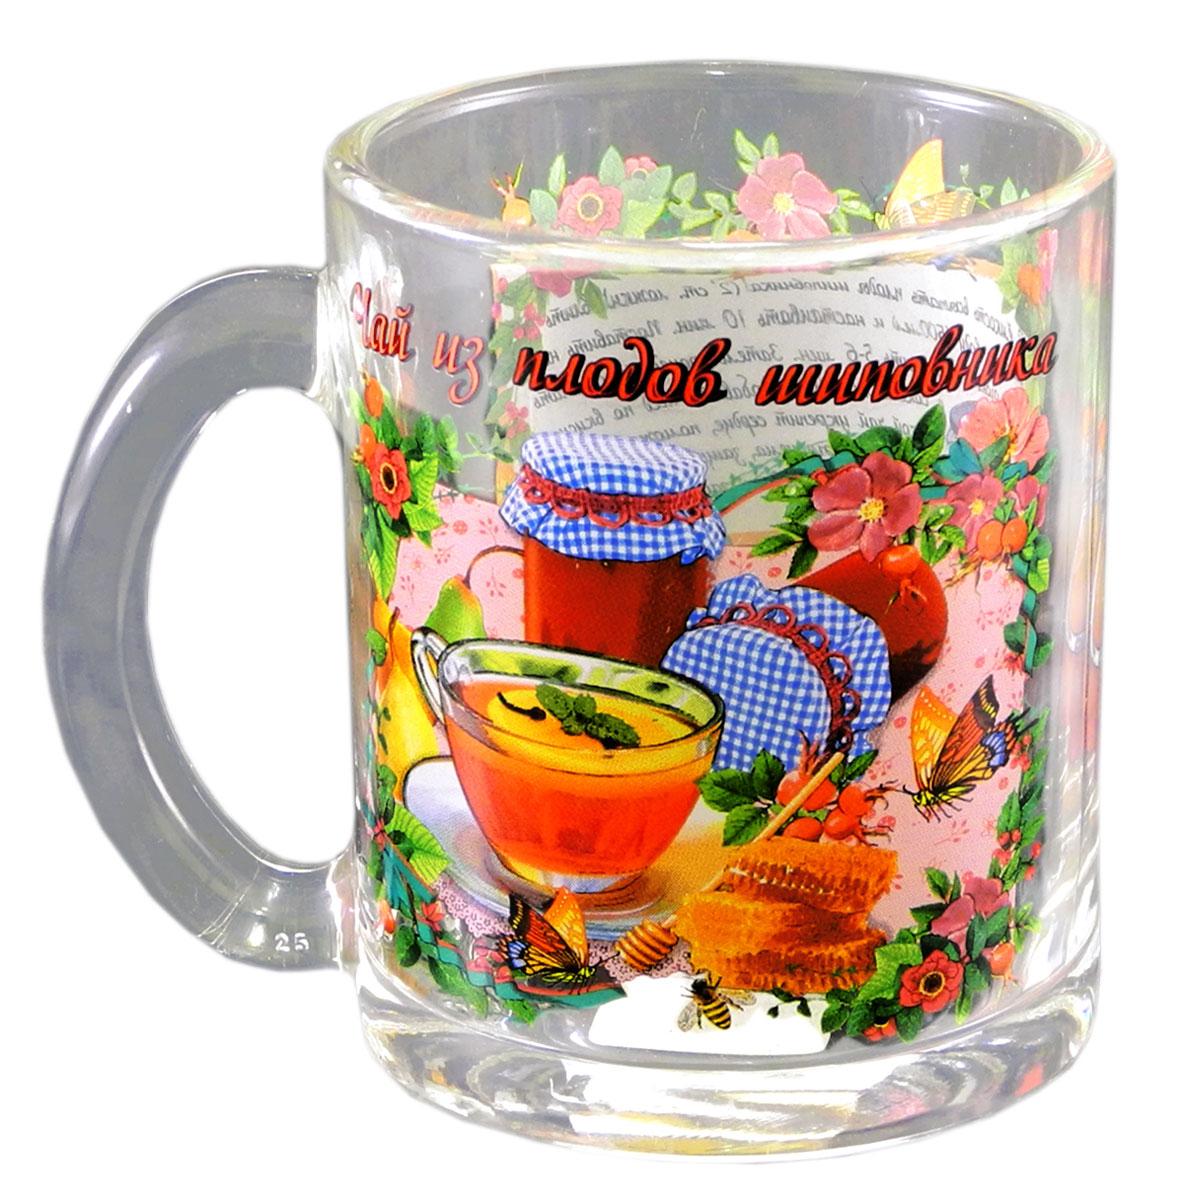 Кружка чайная Квестор  Чай из плодов шиповника , 320 мл103-004Кружка чайная Квестор  Чай из плодов шиповника , 320 мл